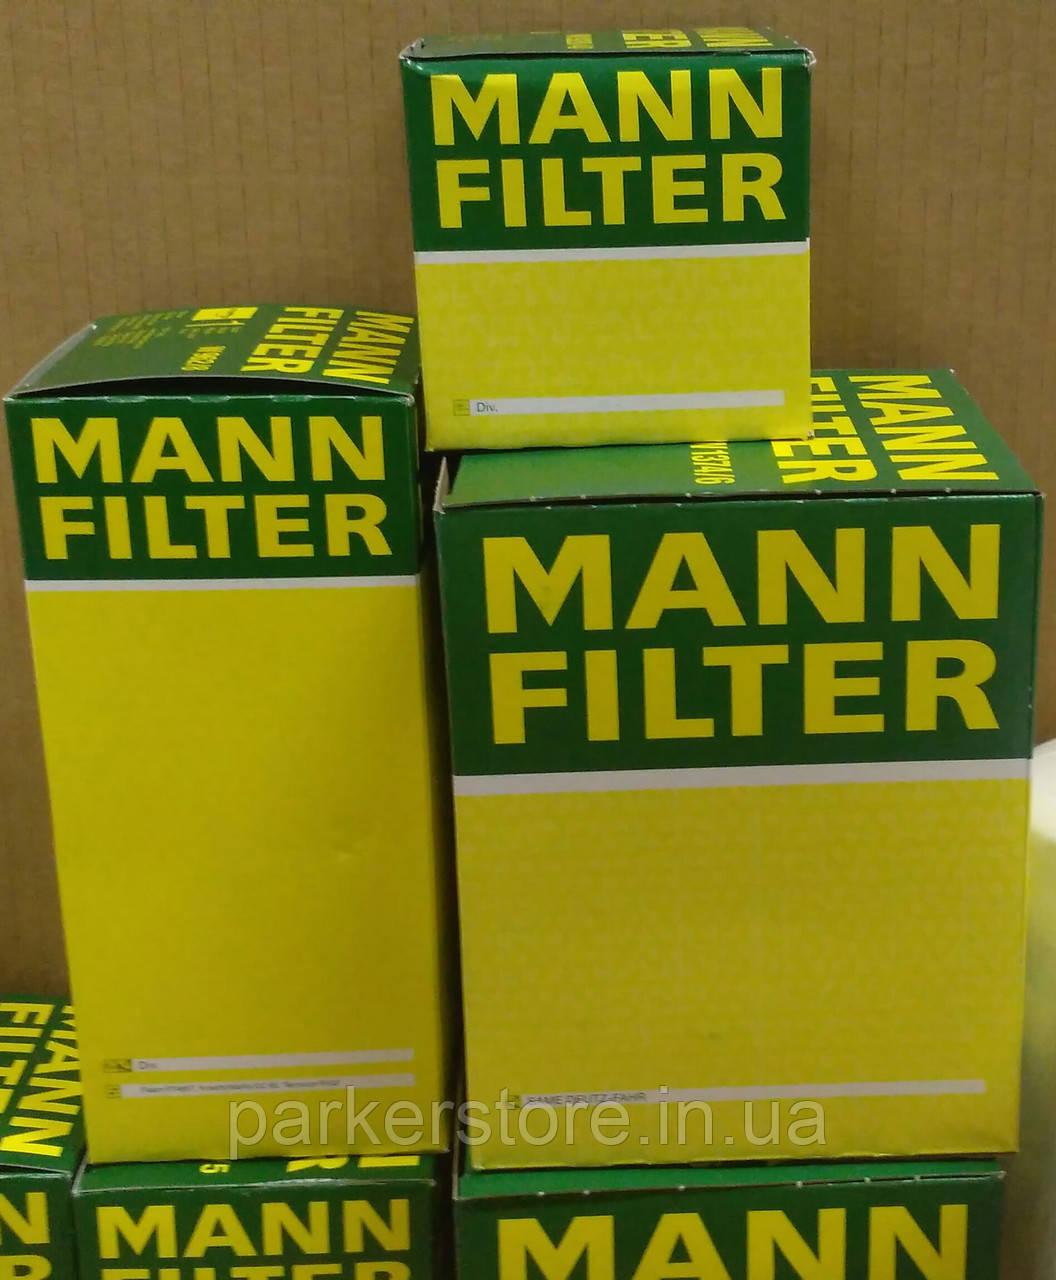 MANN FILTER / Повітряний фільтр / C 28 136/1 / C28136/1